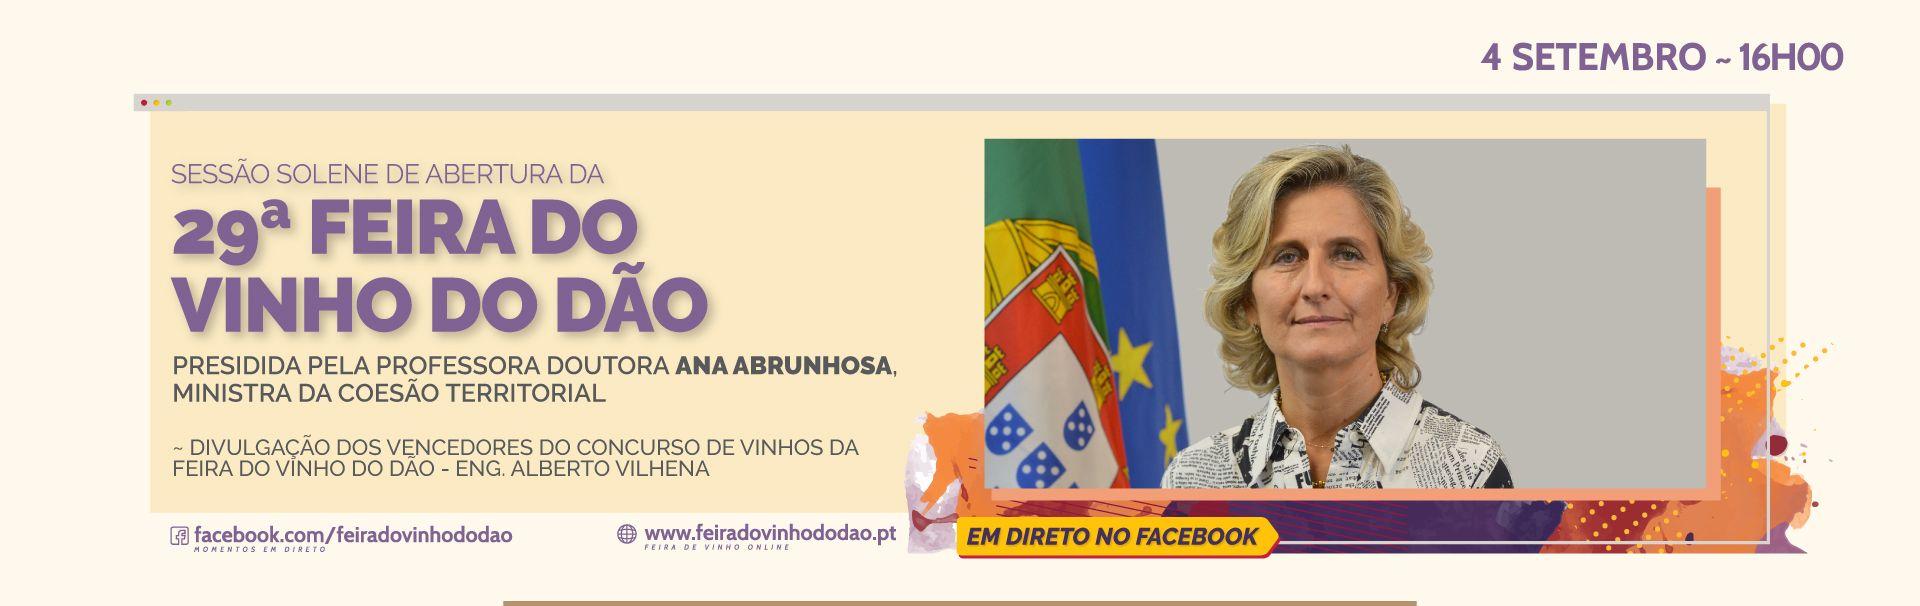 banner_SessaoAbertura.jpg